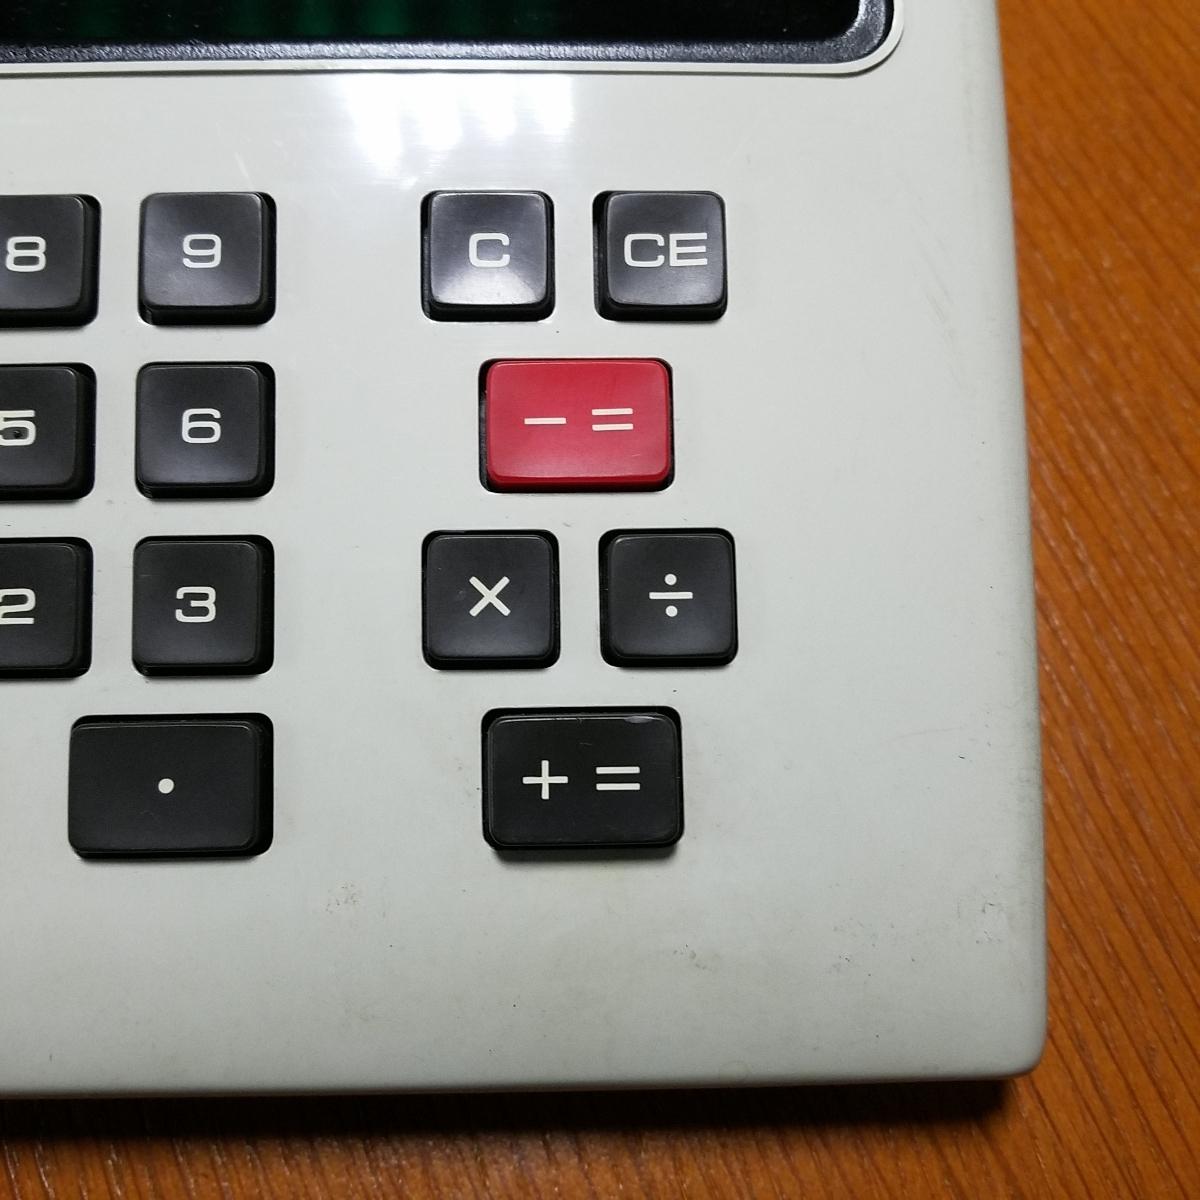 1973年製 希少 昭和レトロ SHARP シャープ EL-804 電光掲示電卓 計算機 日本製_画像4